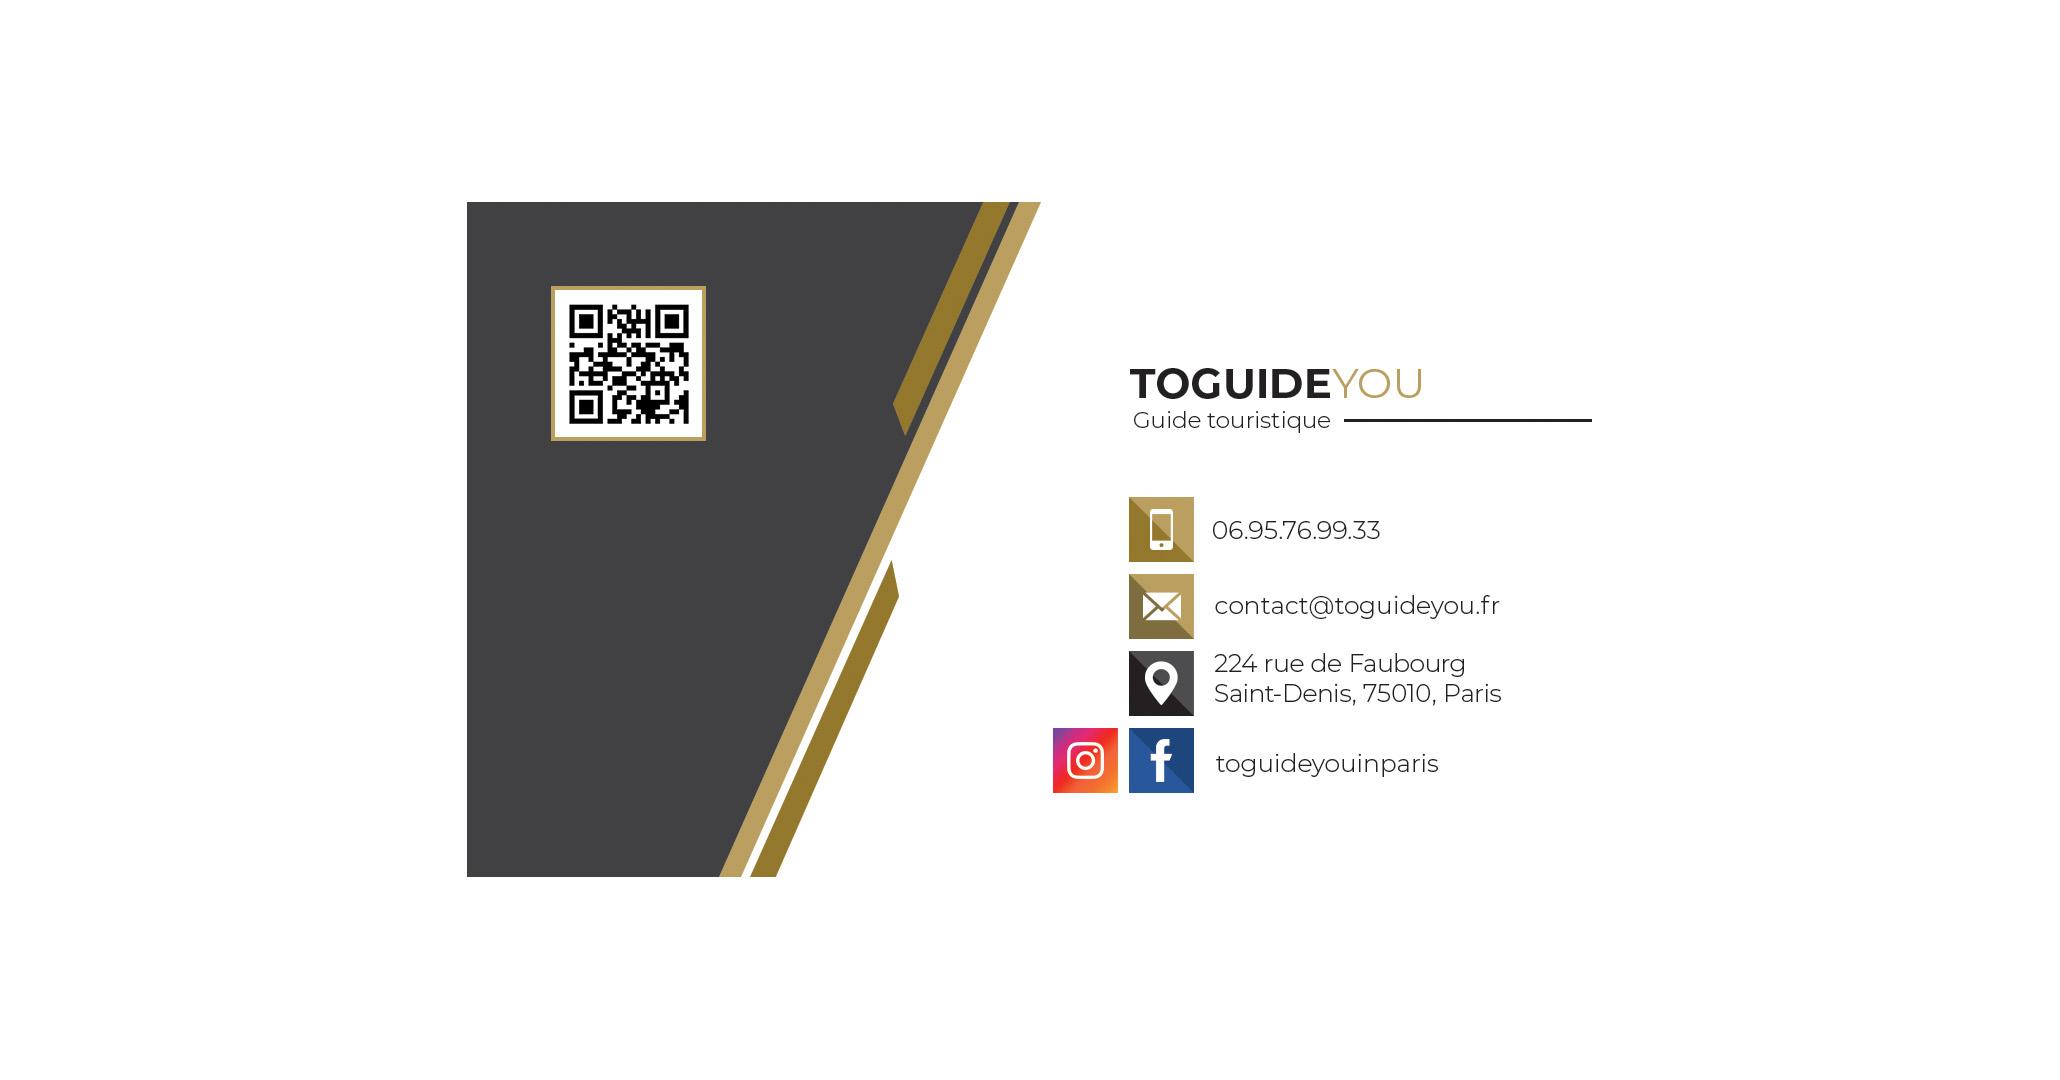 1630434338_toguideyou.jpg